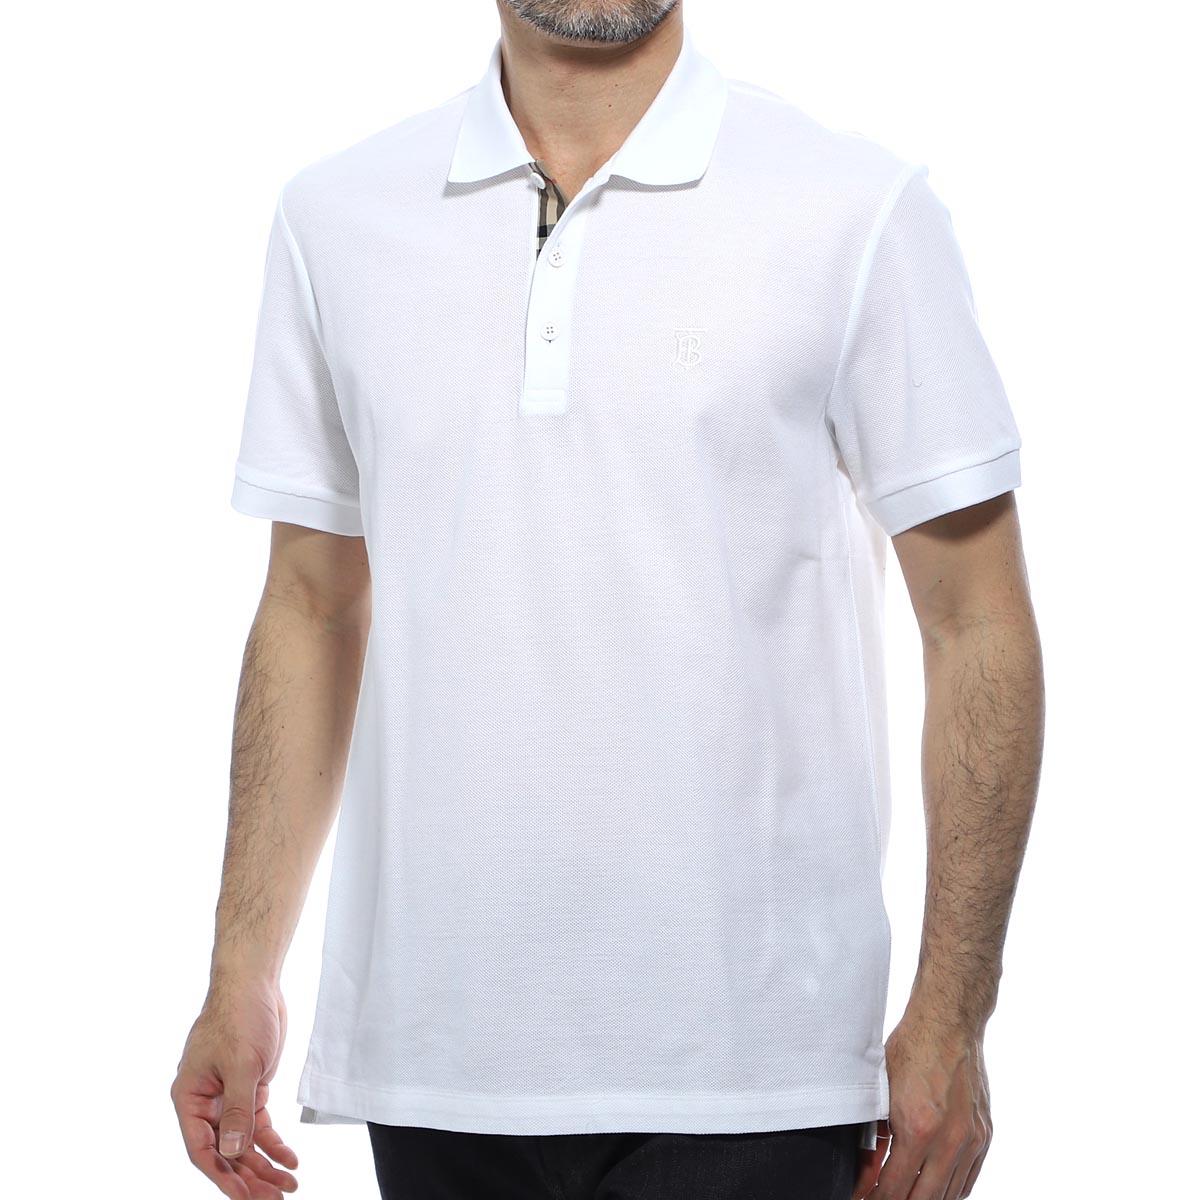 バーバリー BURBERRY ポロシャツ ホワイト メンズ 8014005 white EDDIE エディ【あす楽対応_関東】【返品送料無料】【ラッピング無料】